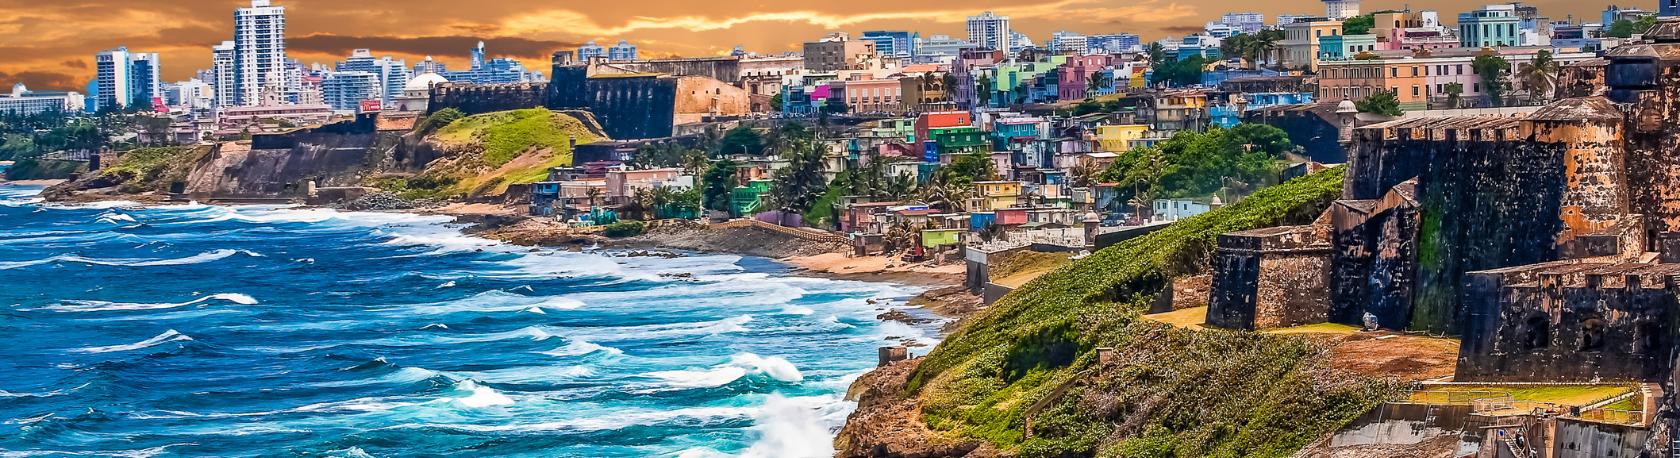 ¿Sabías que el actual hombre más longevo del mundo es de Puerto Rico? - Easy Español